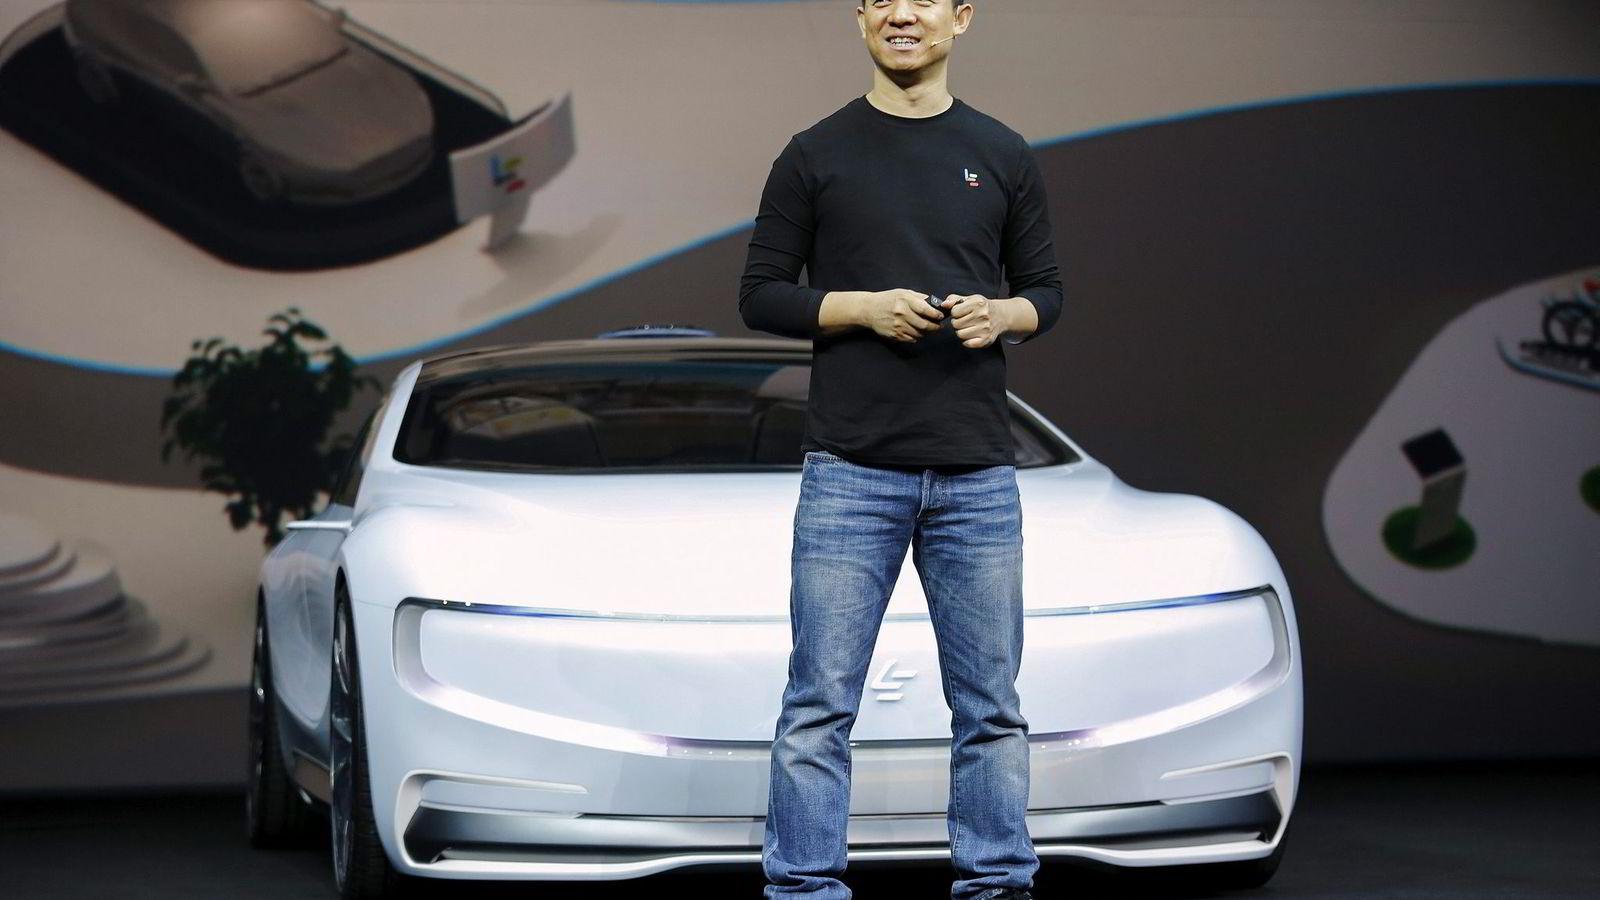 LeEco-gründer og konsernsjef Jia Yueting viser frem prototypen av LeSee, som skal konkurrere med Tesla. Foto: Damir Sagolj/Reuters/NTB Scanpix